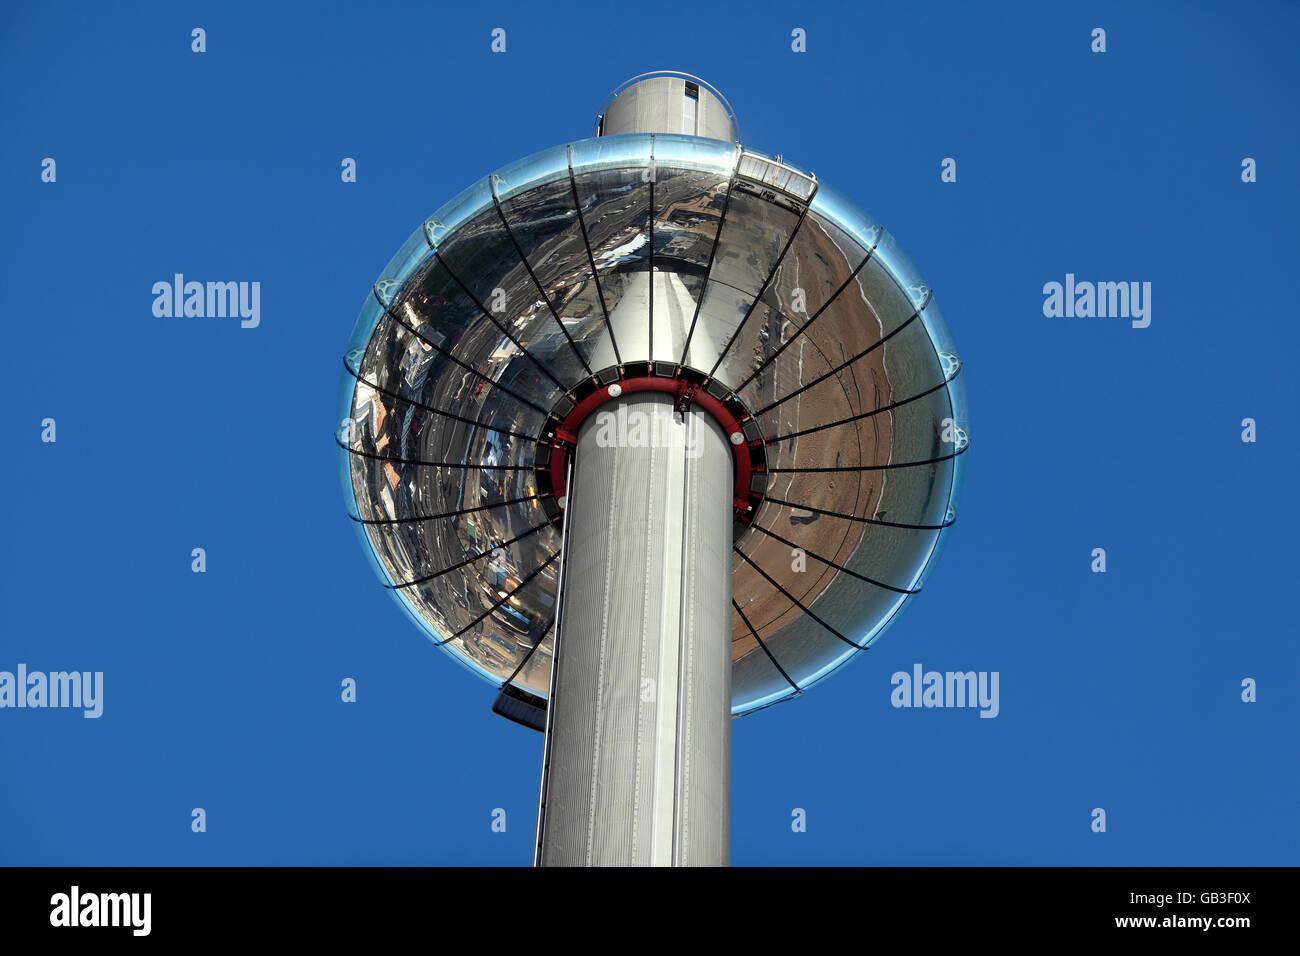 Jusqu'à Brighton à i360 déménagement tour d'observation, montrant le dessous reflétant Photo Stock